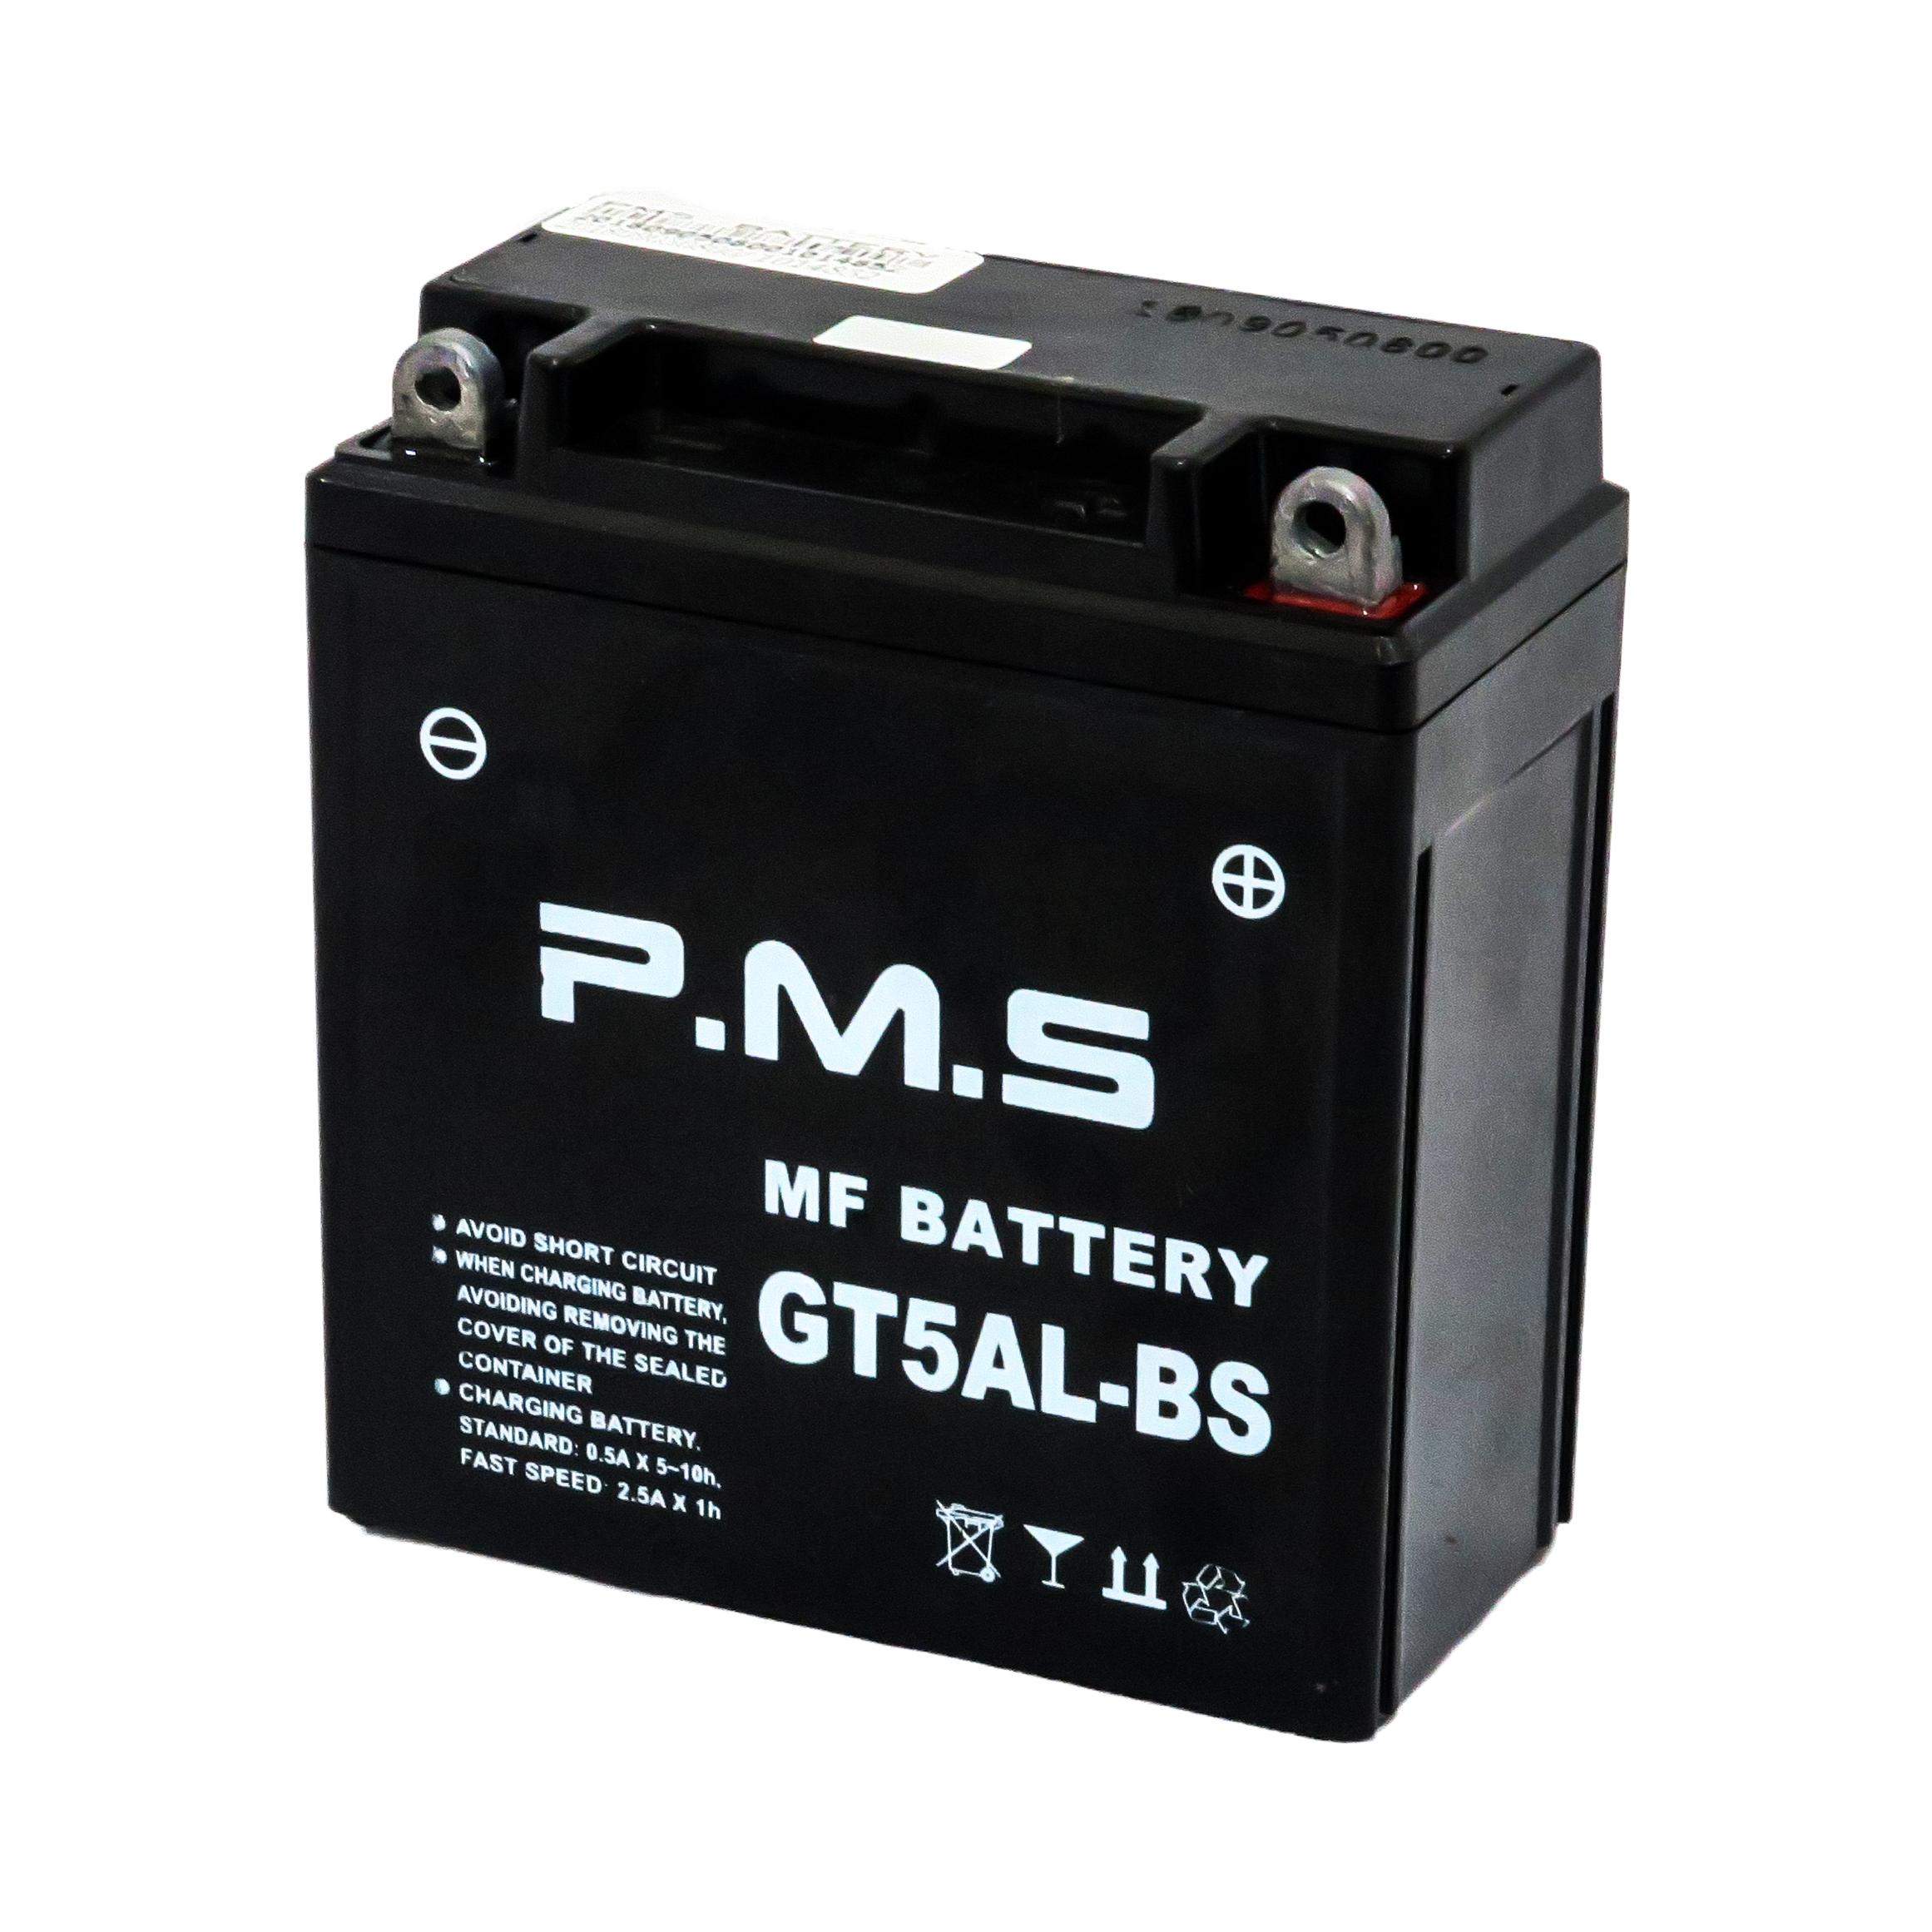 باتری موتور سیکلت پی ام اس مدل 12V5 مناسب برای  وگو و باکسر